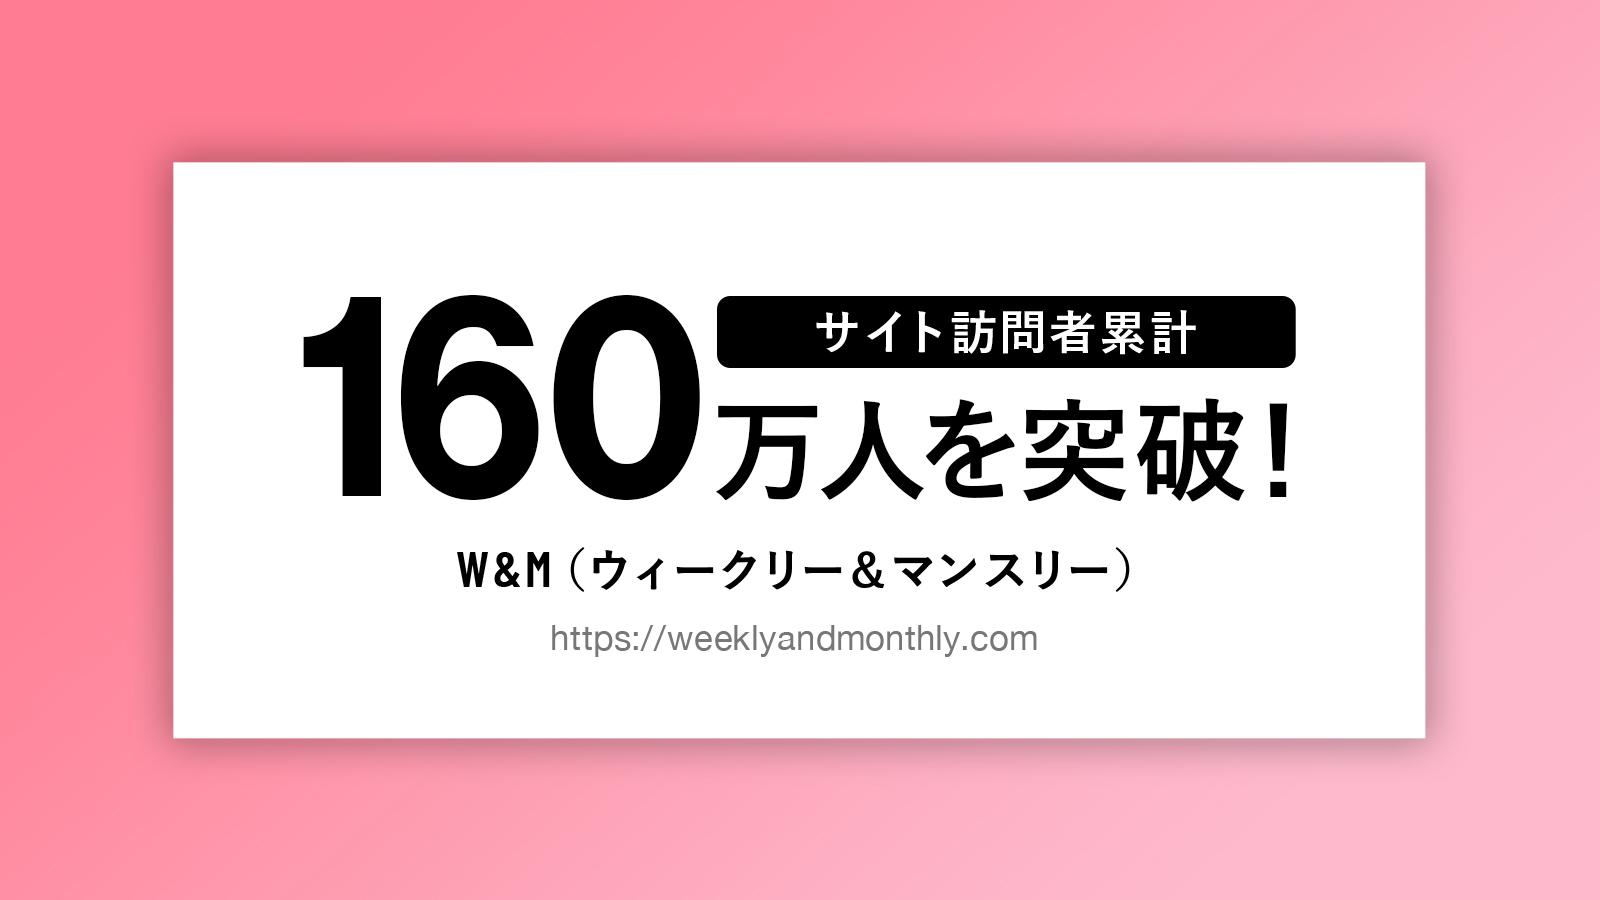 【PR】W&M(ウィークリー &マンスリー) サイト訪問者累計160万人を突破!